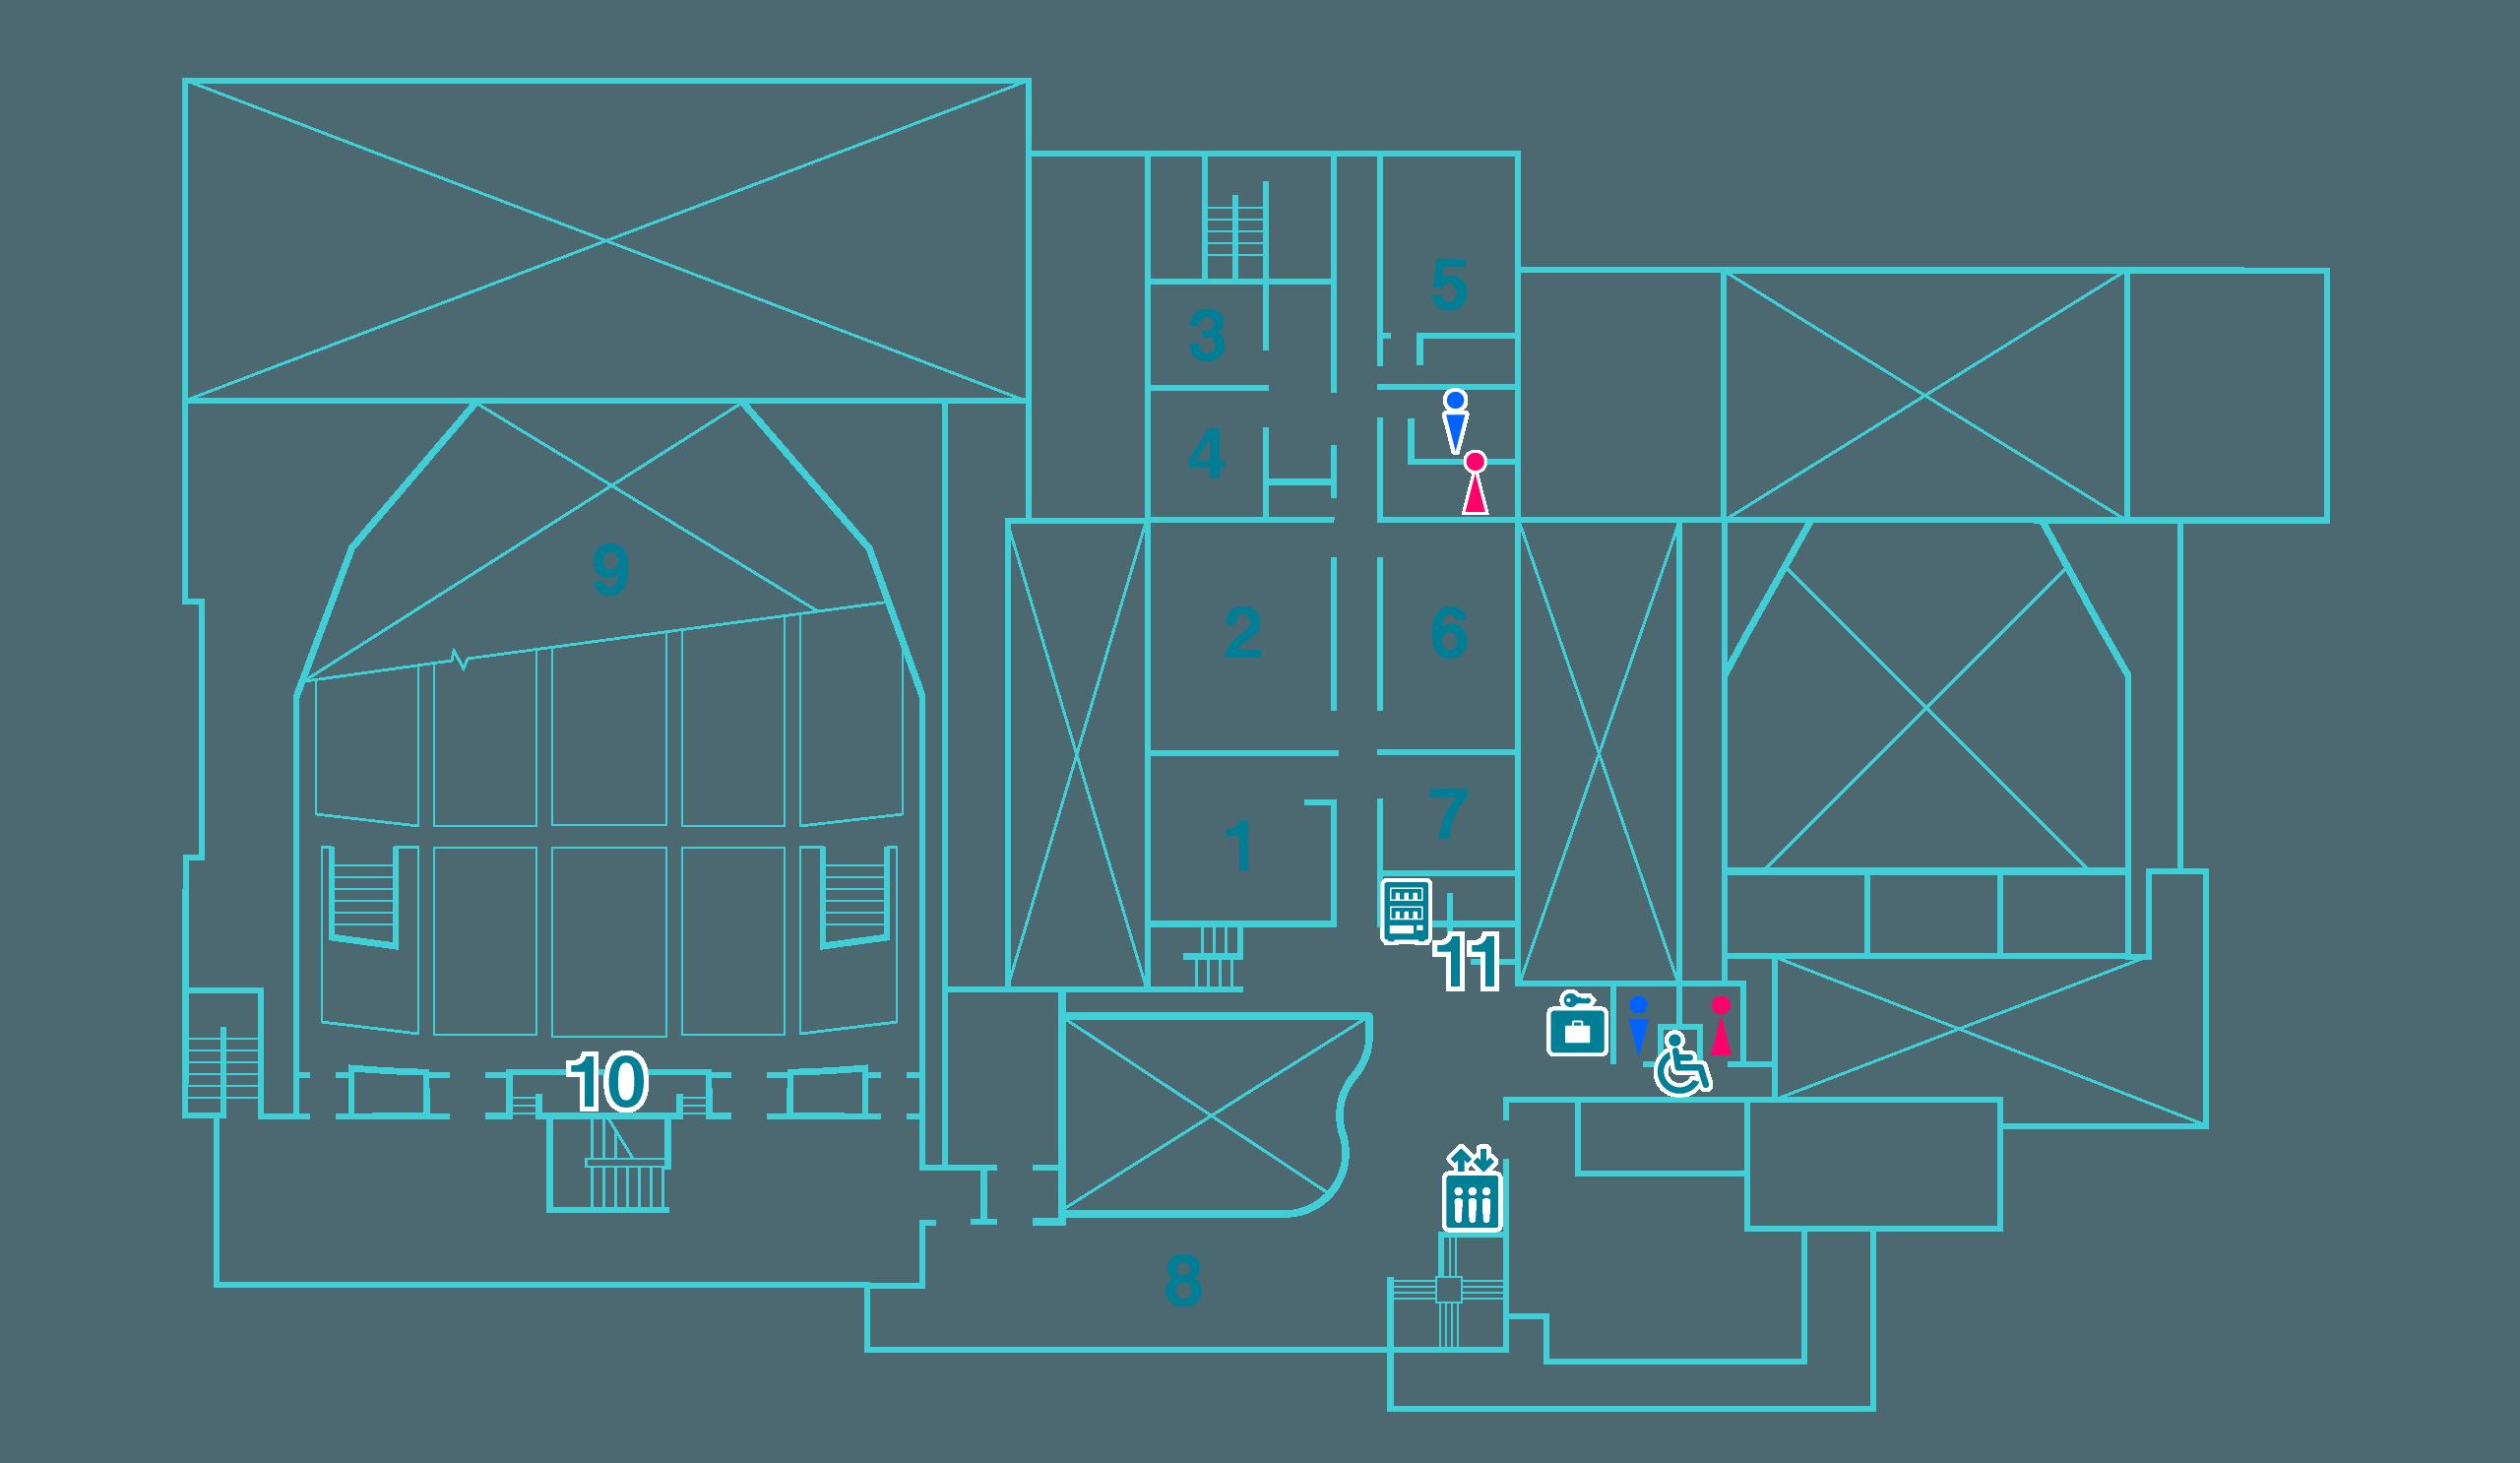 2階フロア図